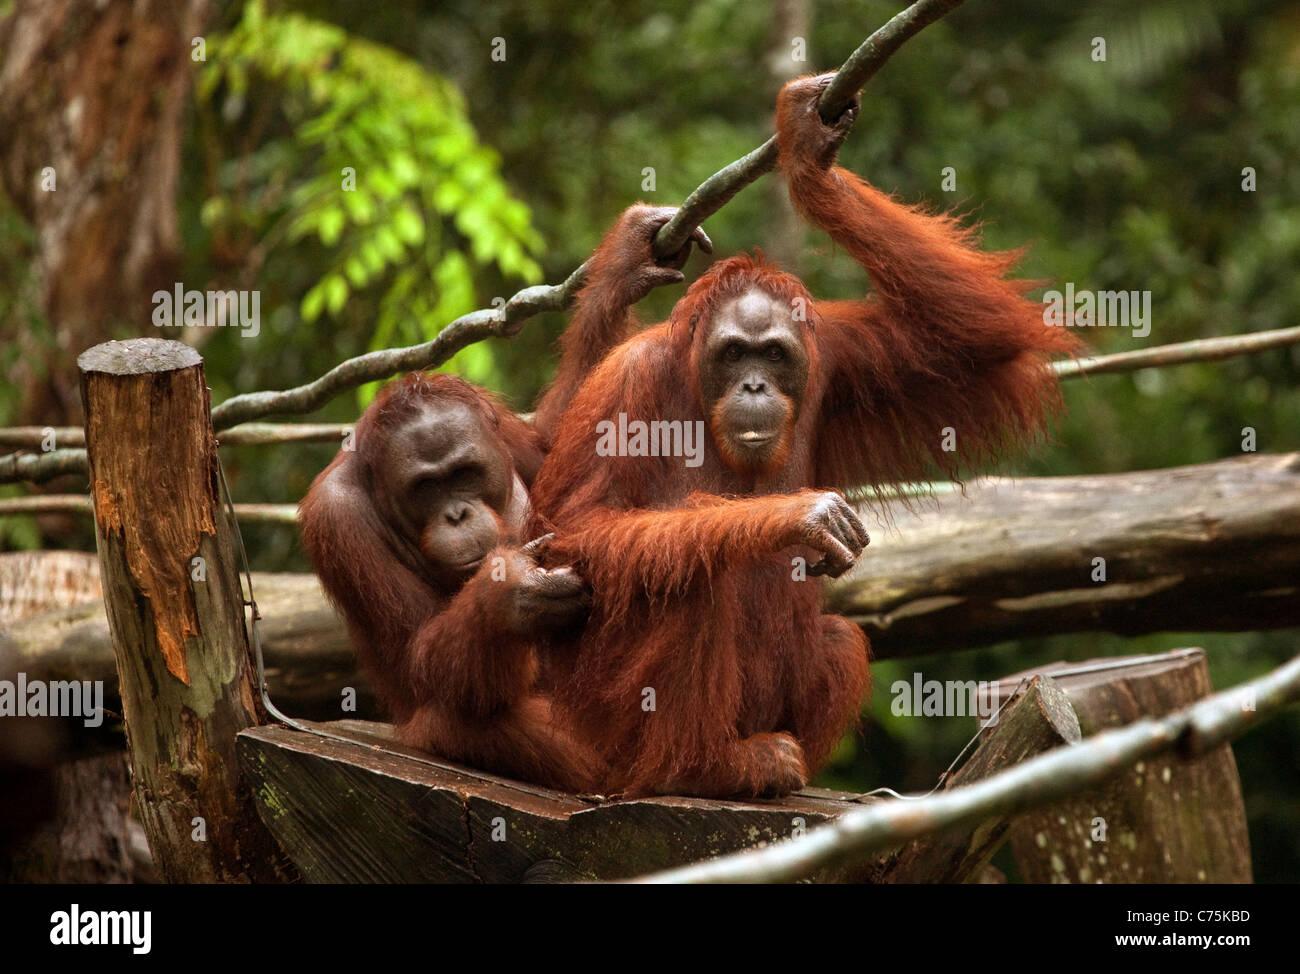 Two adult Bornean Orangutans (Pongo pygmaeus) at Singapore zoo, Singapore asia - Stock Image